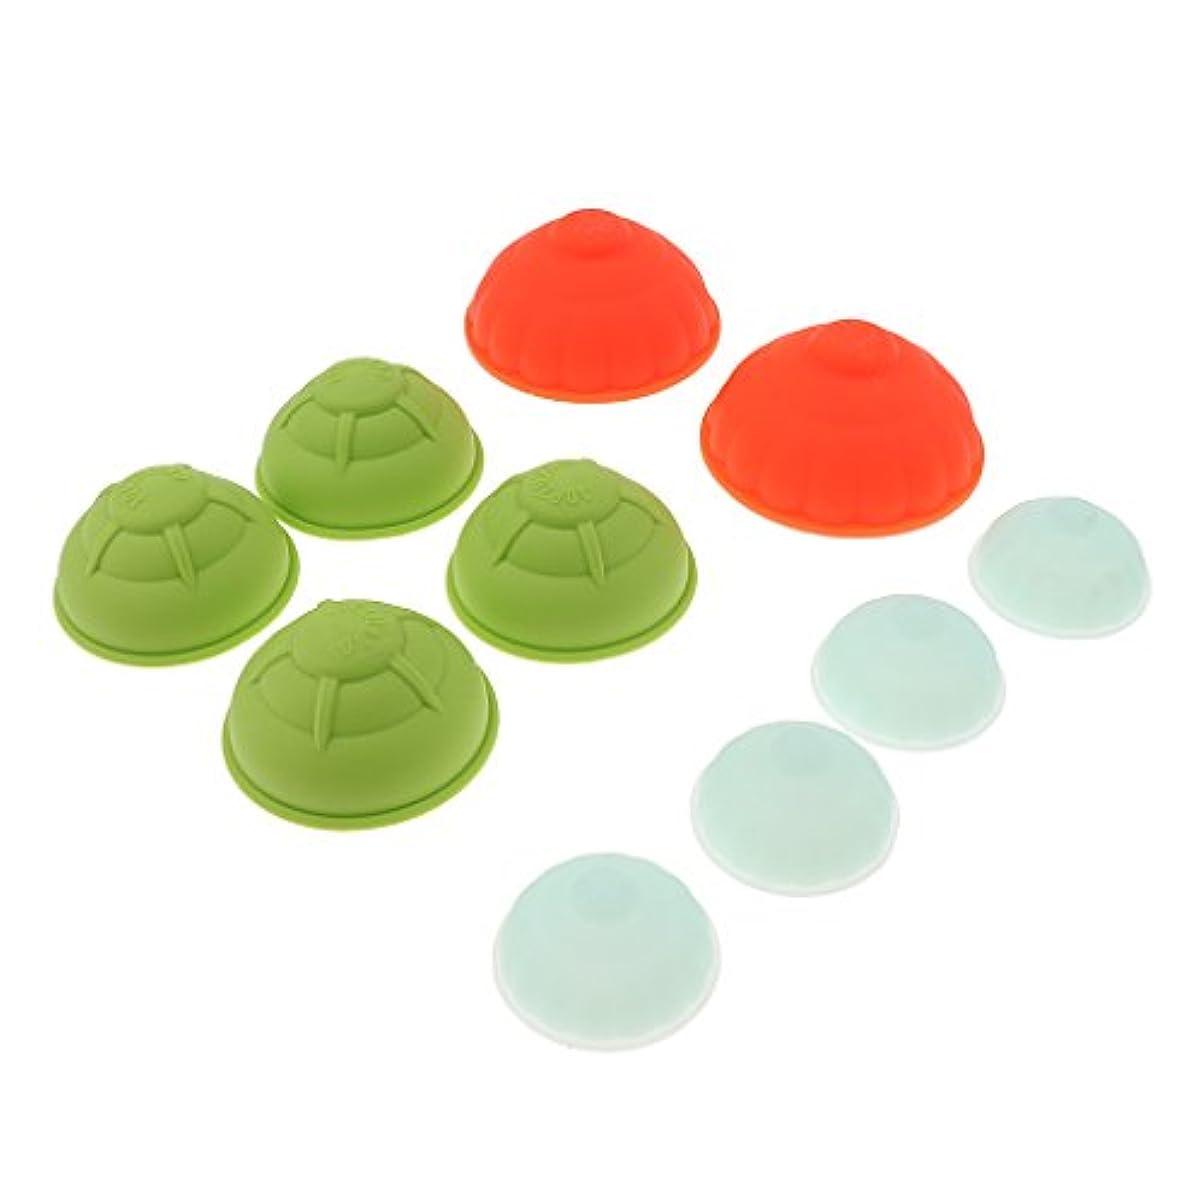 遊び場ランドマーク盲目カッピングカップ 10個 シリコン 真空 マッサージ カッピングカップセット